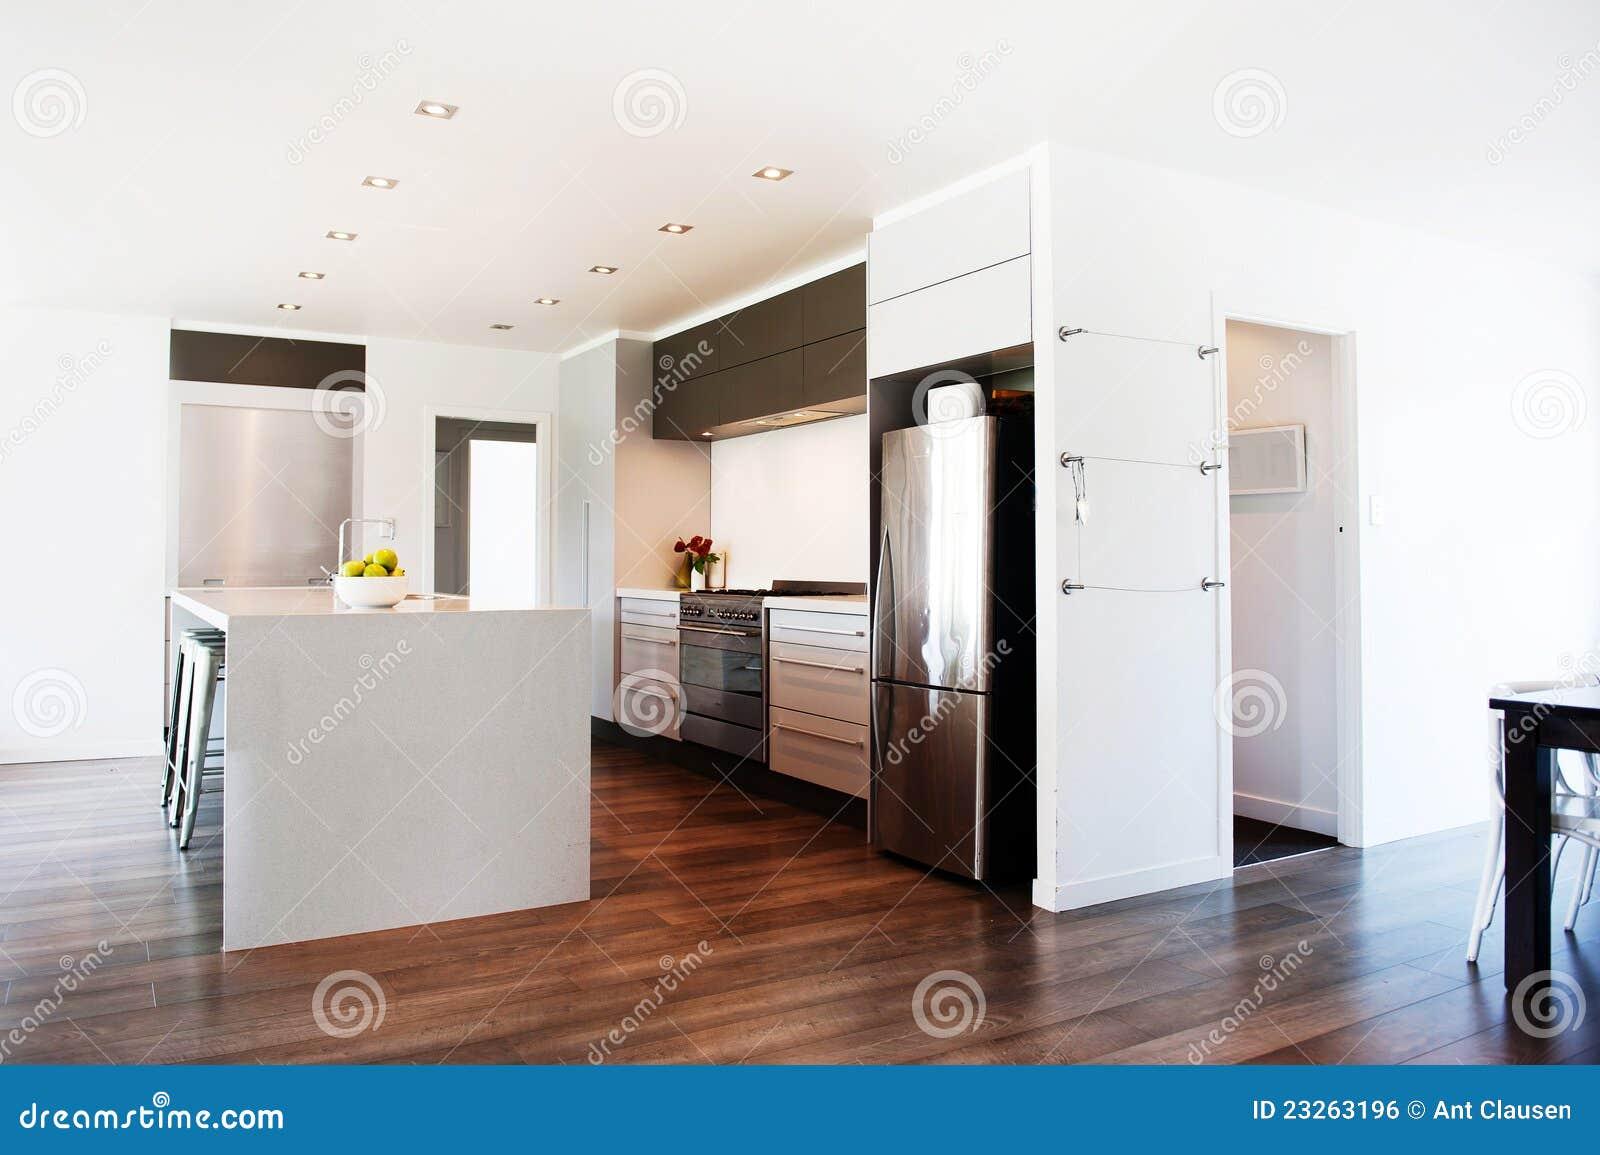 Schlafzimmer Tapete Ideen ist genial stil für ihr haus design ideen